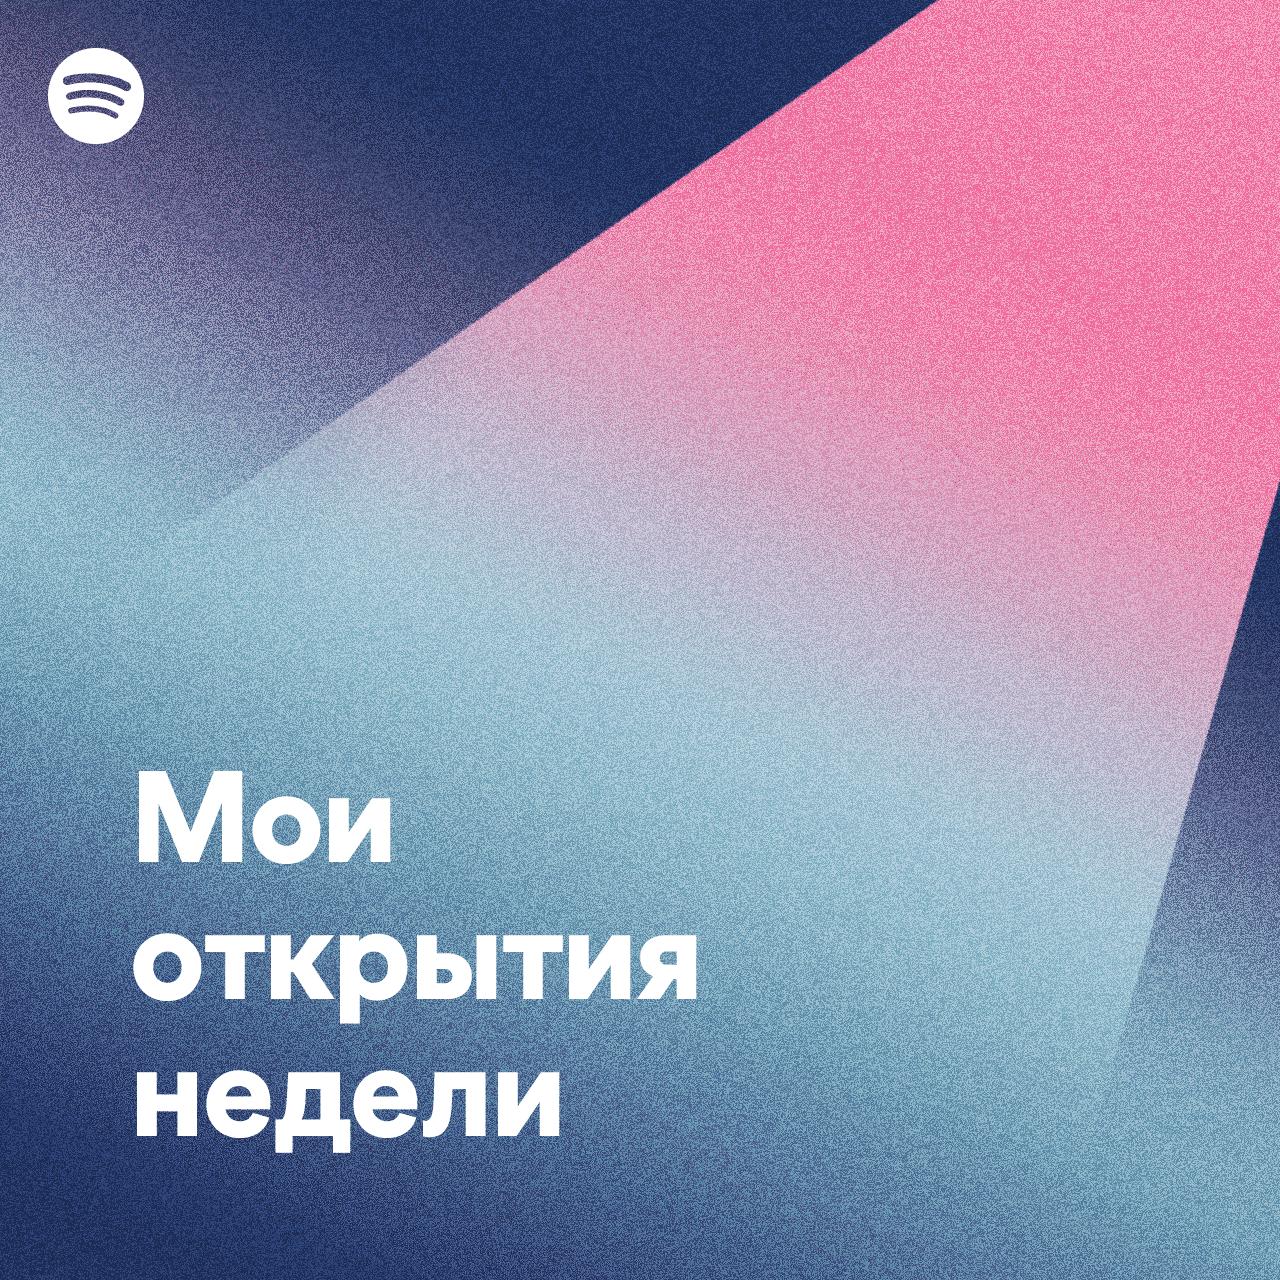 Spotify Открытия недели